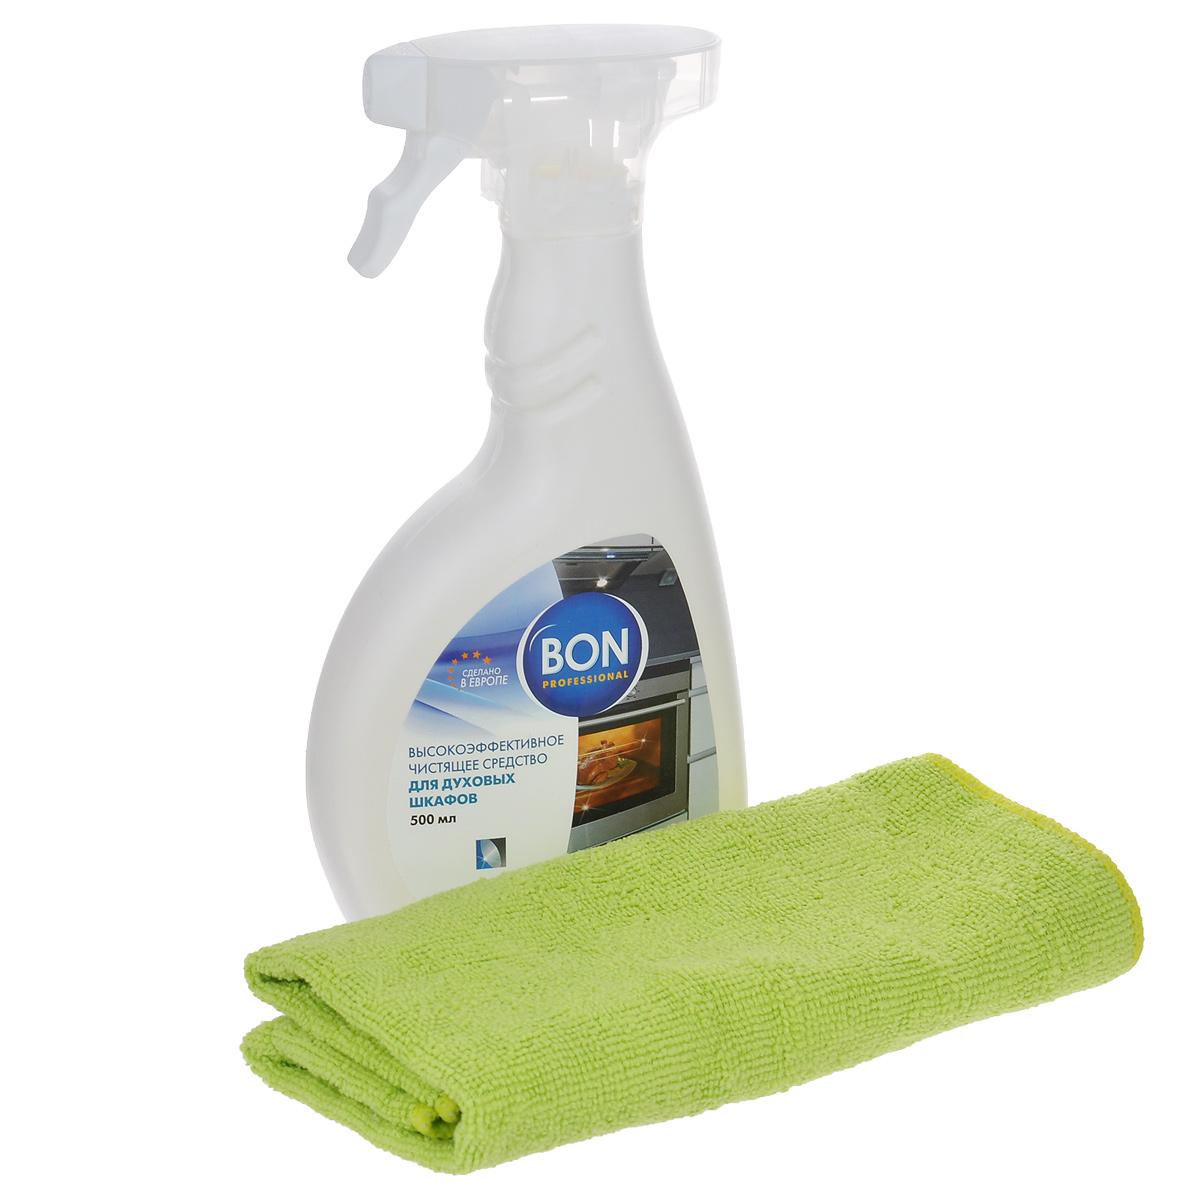 Набор для ухода за духовыми шкафами Bon, 2 предмета391602Набор для ухода за духовыми шкафами Bon состоит из чистящего средства с распылителем и салфетки из микрофибры. Средство эффективно удаляет запекшийся жир, остатки пищи, как горячие, так и холодные, копоть. Создает на поверхности защитный слой, который препятствует ее быстрому загрязнению. Идеально подходит для чистки духовок, газовых и электрических плит, решеток для барбекю, грилей с вертелом, кухонных вытяжек. Салфетка из микрофибры предназначена для очистки внутренней и внешней поверхности духовых шкафов от любых видов загрязнений, для полировки и придания блеска. Идеально подходит для использования со средствами Bon по уходу за духовыми шкафами. Не оставляет разводов и ворсинок. Обладает повышенной прочностью. В одном наборе Bon есть все необходимое для качественного ухода за духовыми шкафами.Состав средства: вода, Состав салфетки: 75% полиэстер, 25% полиамид. Объем средства: 500 мл. Размер салфетки: 35 см х 39 см.